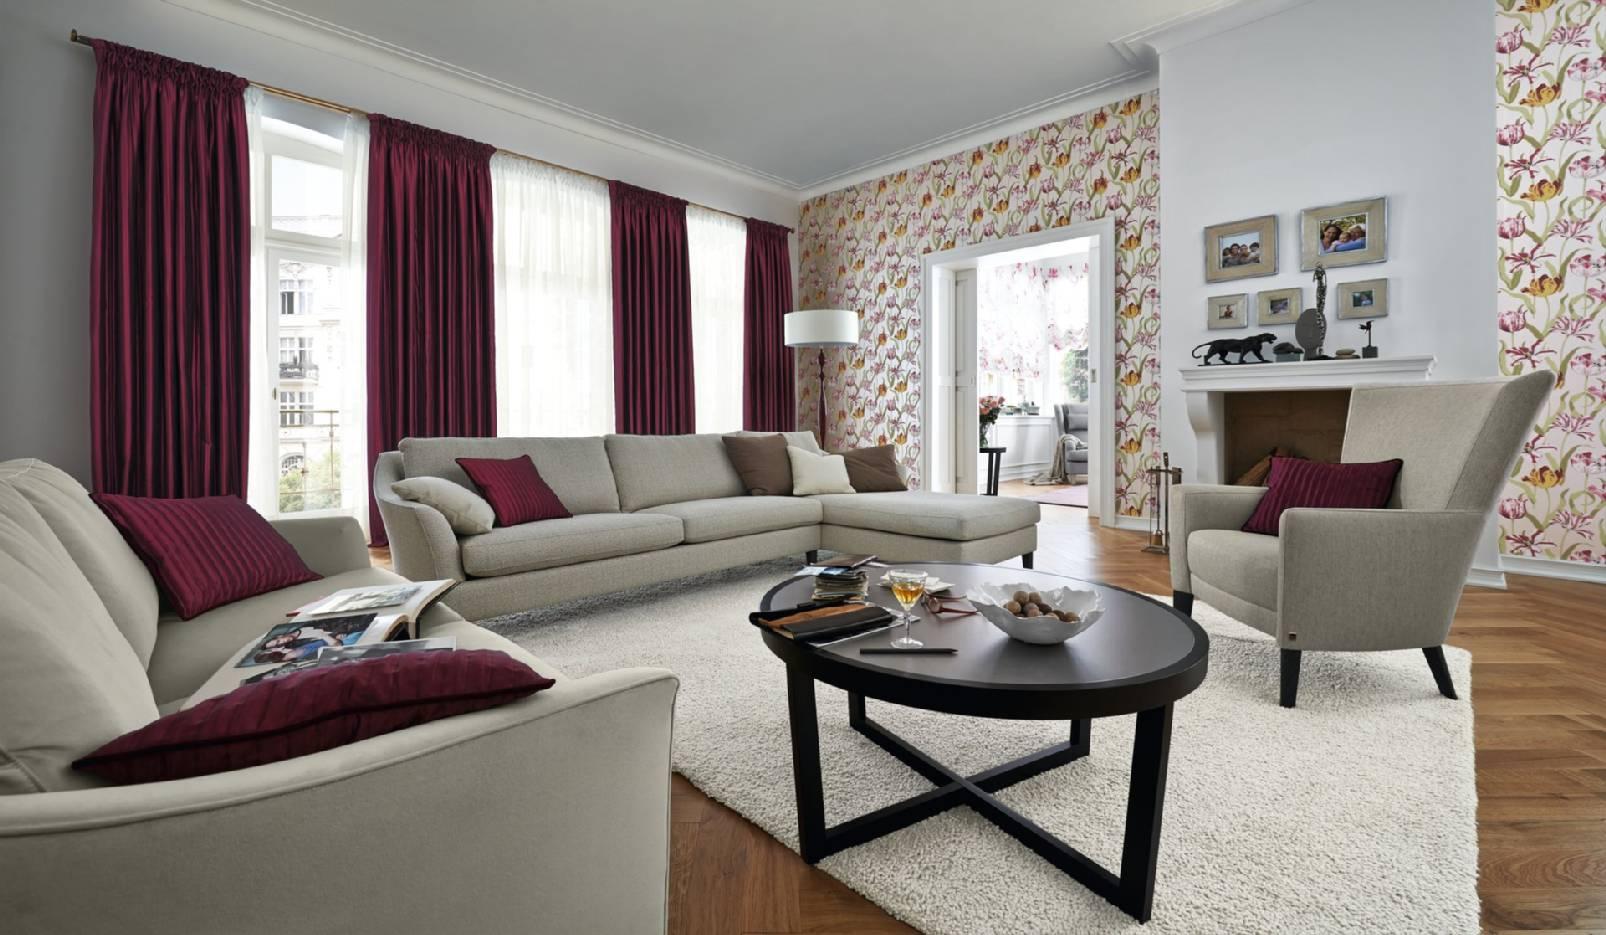 Gardinen polsterei modernes wohnen raumausstattung ehlert unna wohnberatung gardinen und - Gardinen modernes wohnen ...